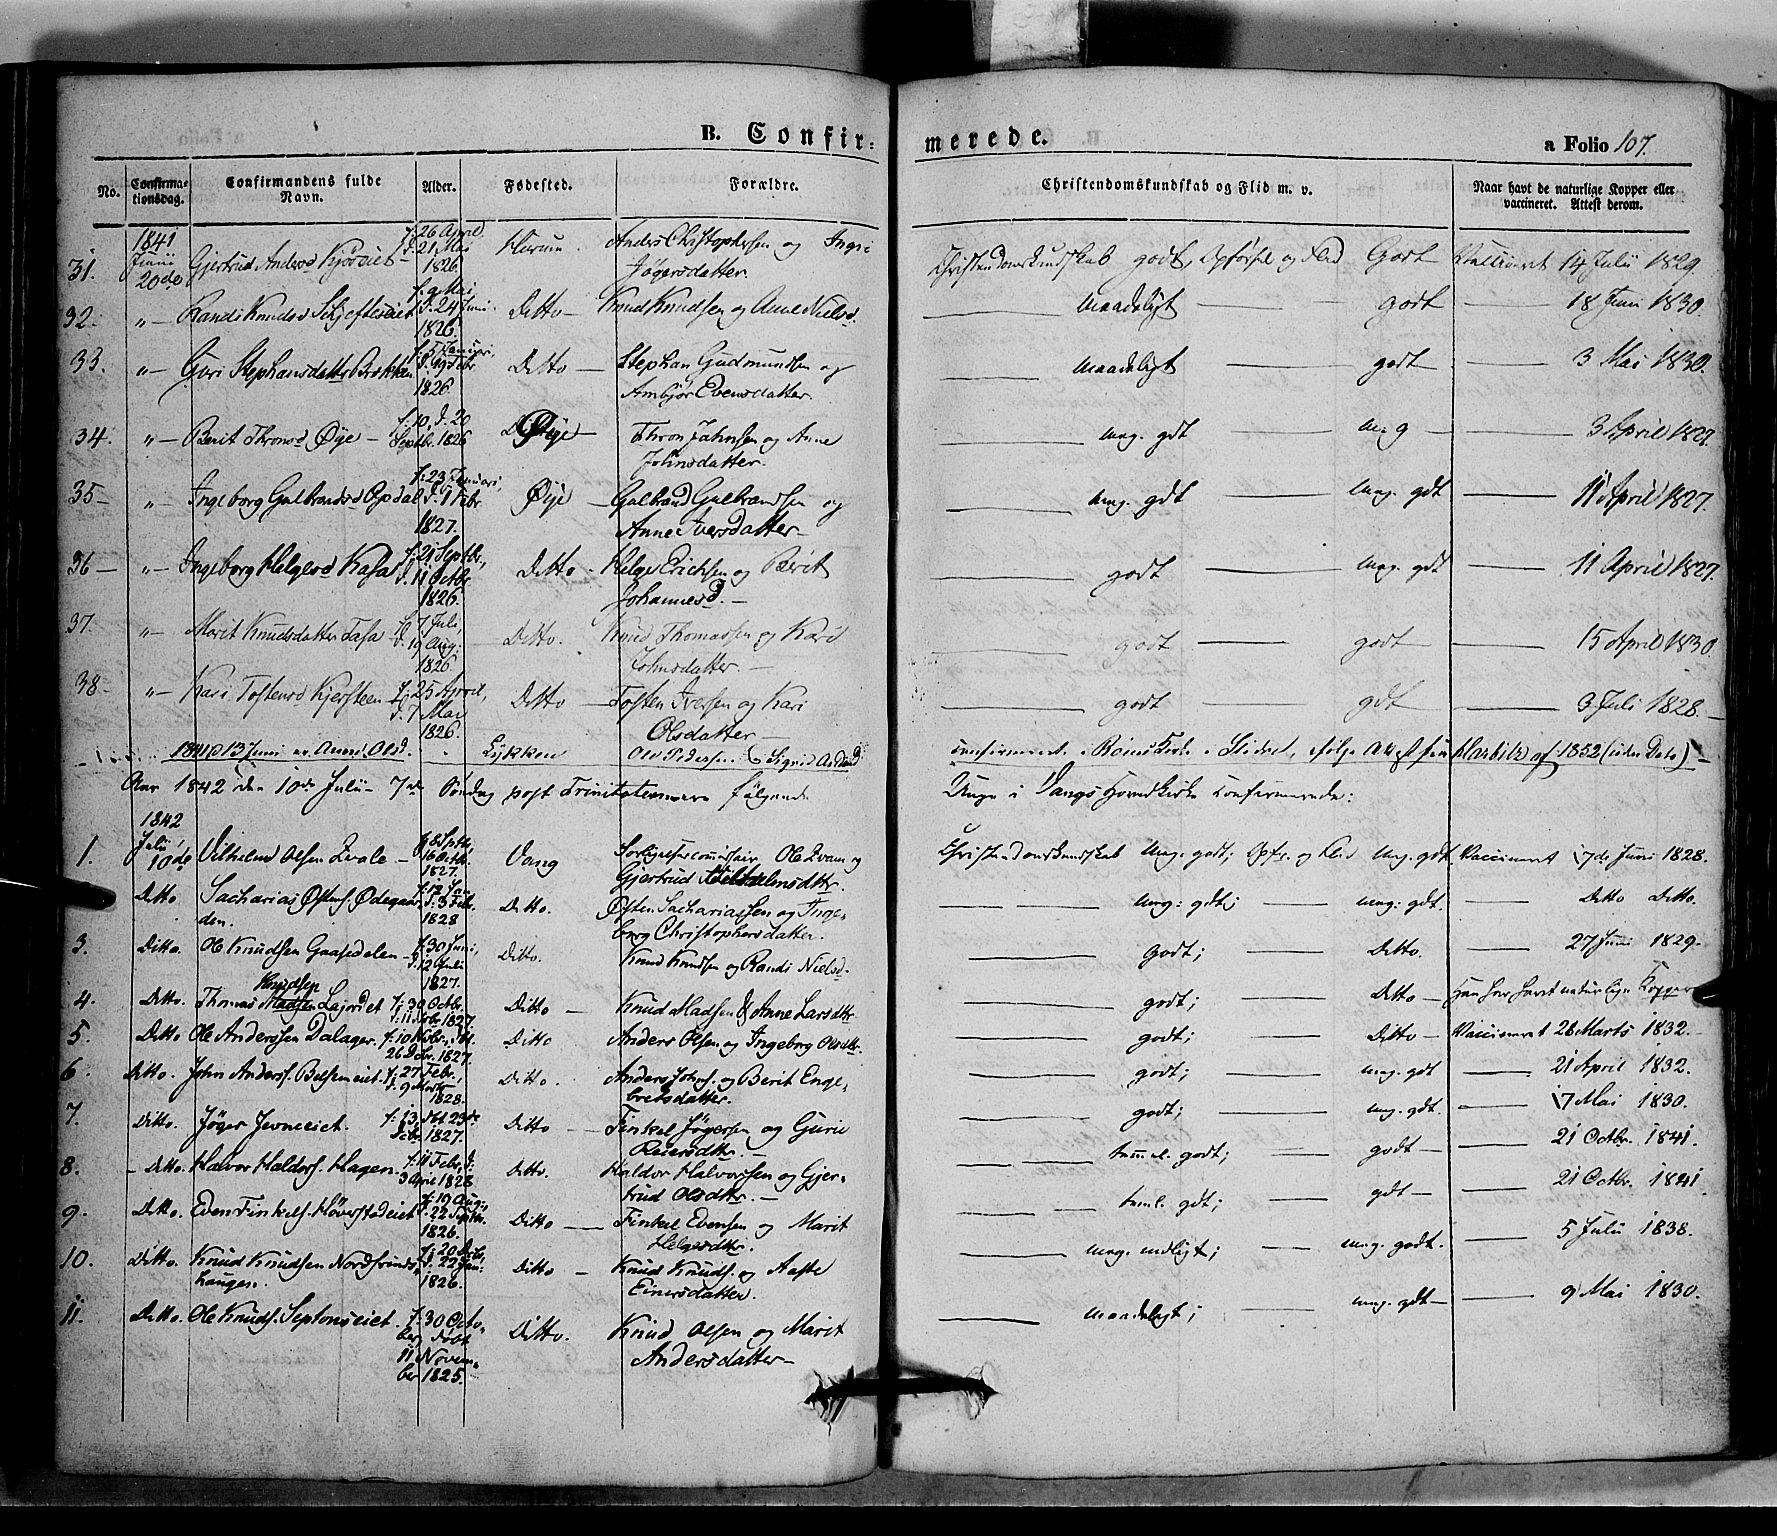 SAH, Vang prestekontor, Valdres, Ministerialbok nr. 5, 1831-1845, s. 107